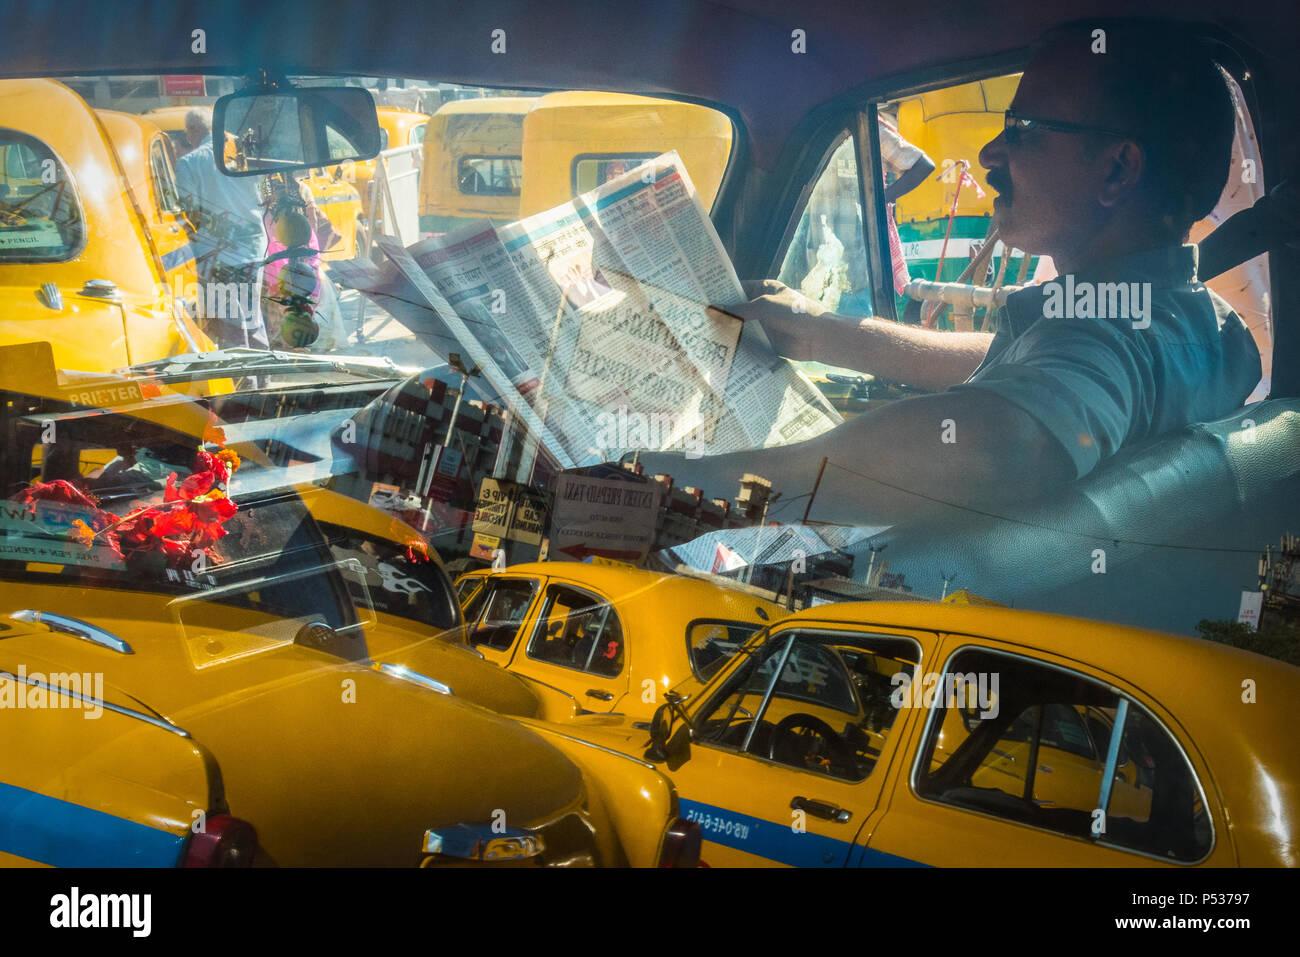 Un taxista en la cola de Hindustan Ambassadors, las reflexiones de otros coches brillando en las ventanas. En Kolkata, India. Imagen De Stock